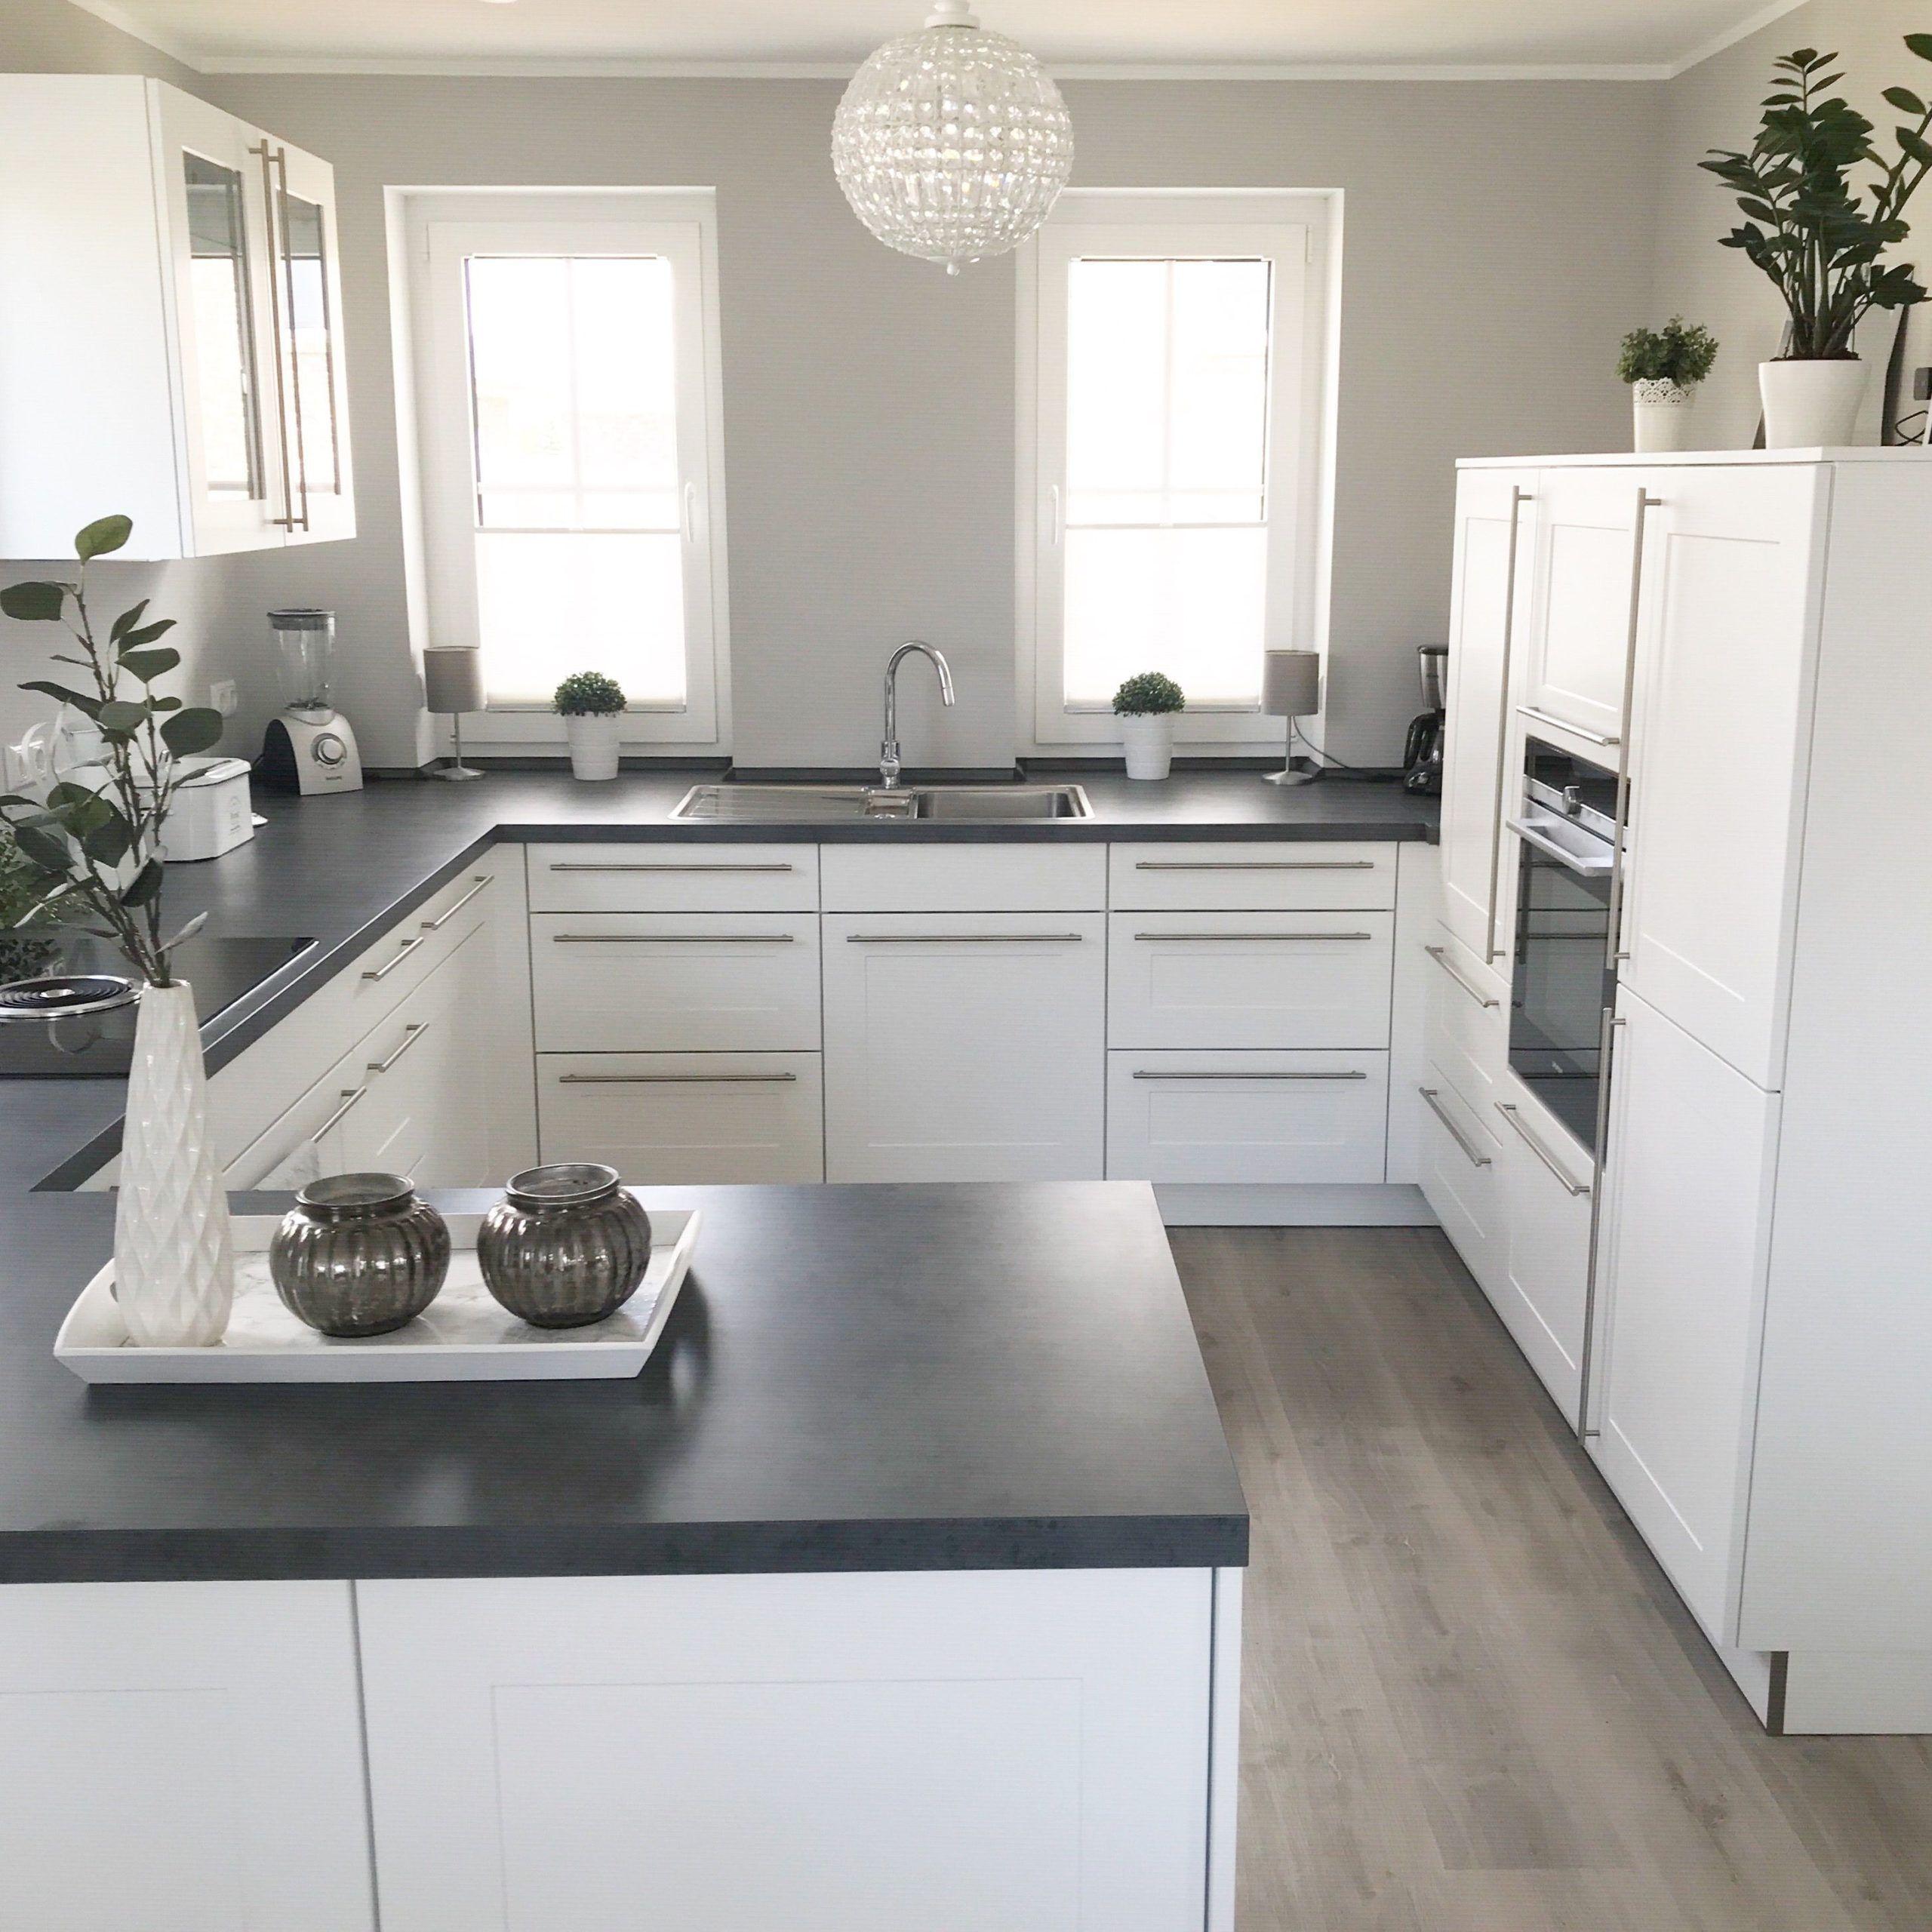 Instagram Wohn Emotion Landhaus Kuche Kitchen Modern Grau Weiss Grey White K Grau Gre In 2020 Home Decor Kitchen Kitchen Interior Kitchen Design Small